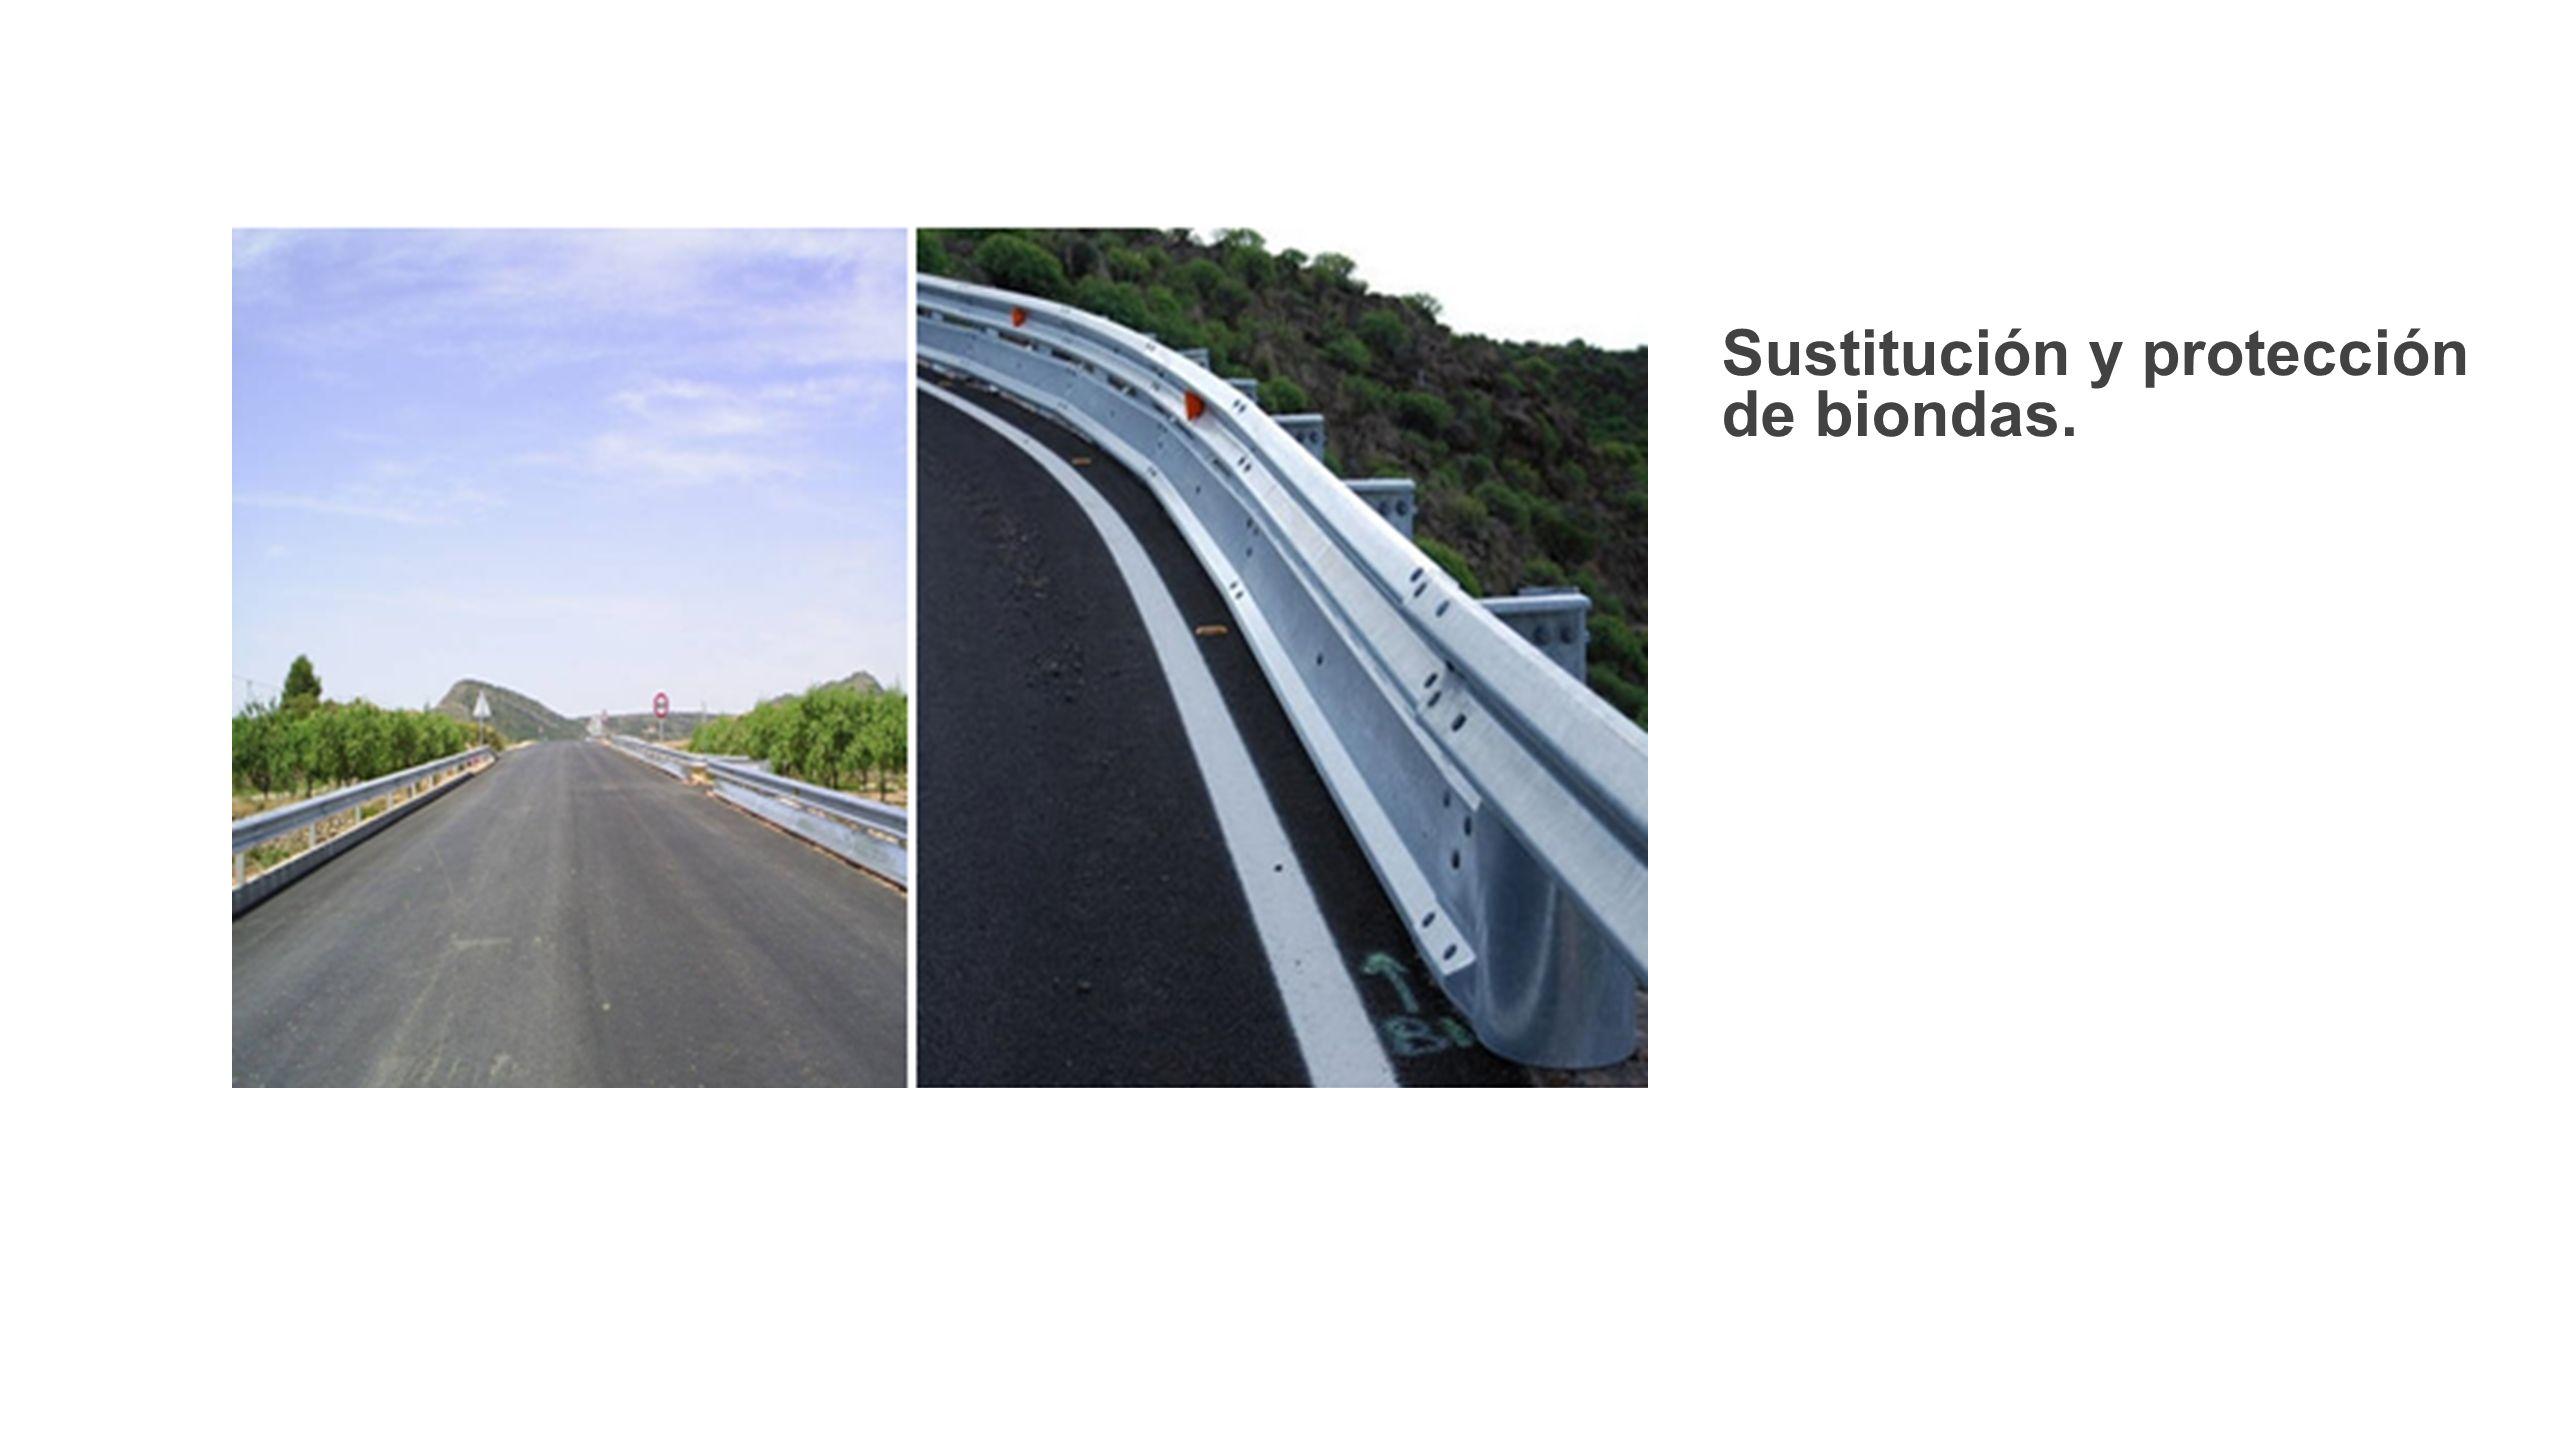 Sustitución y protección de biondas.